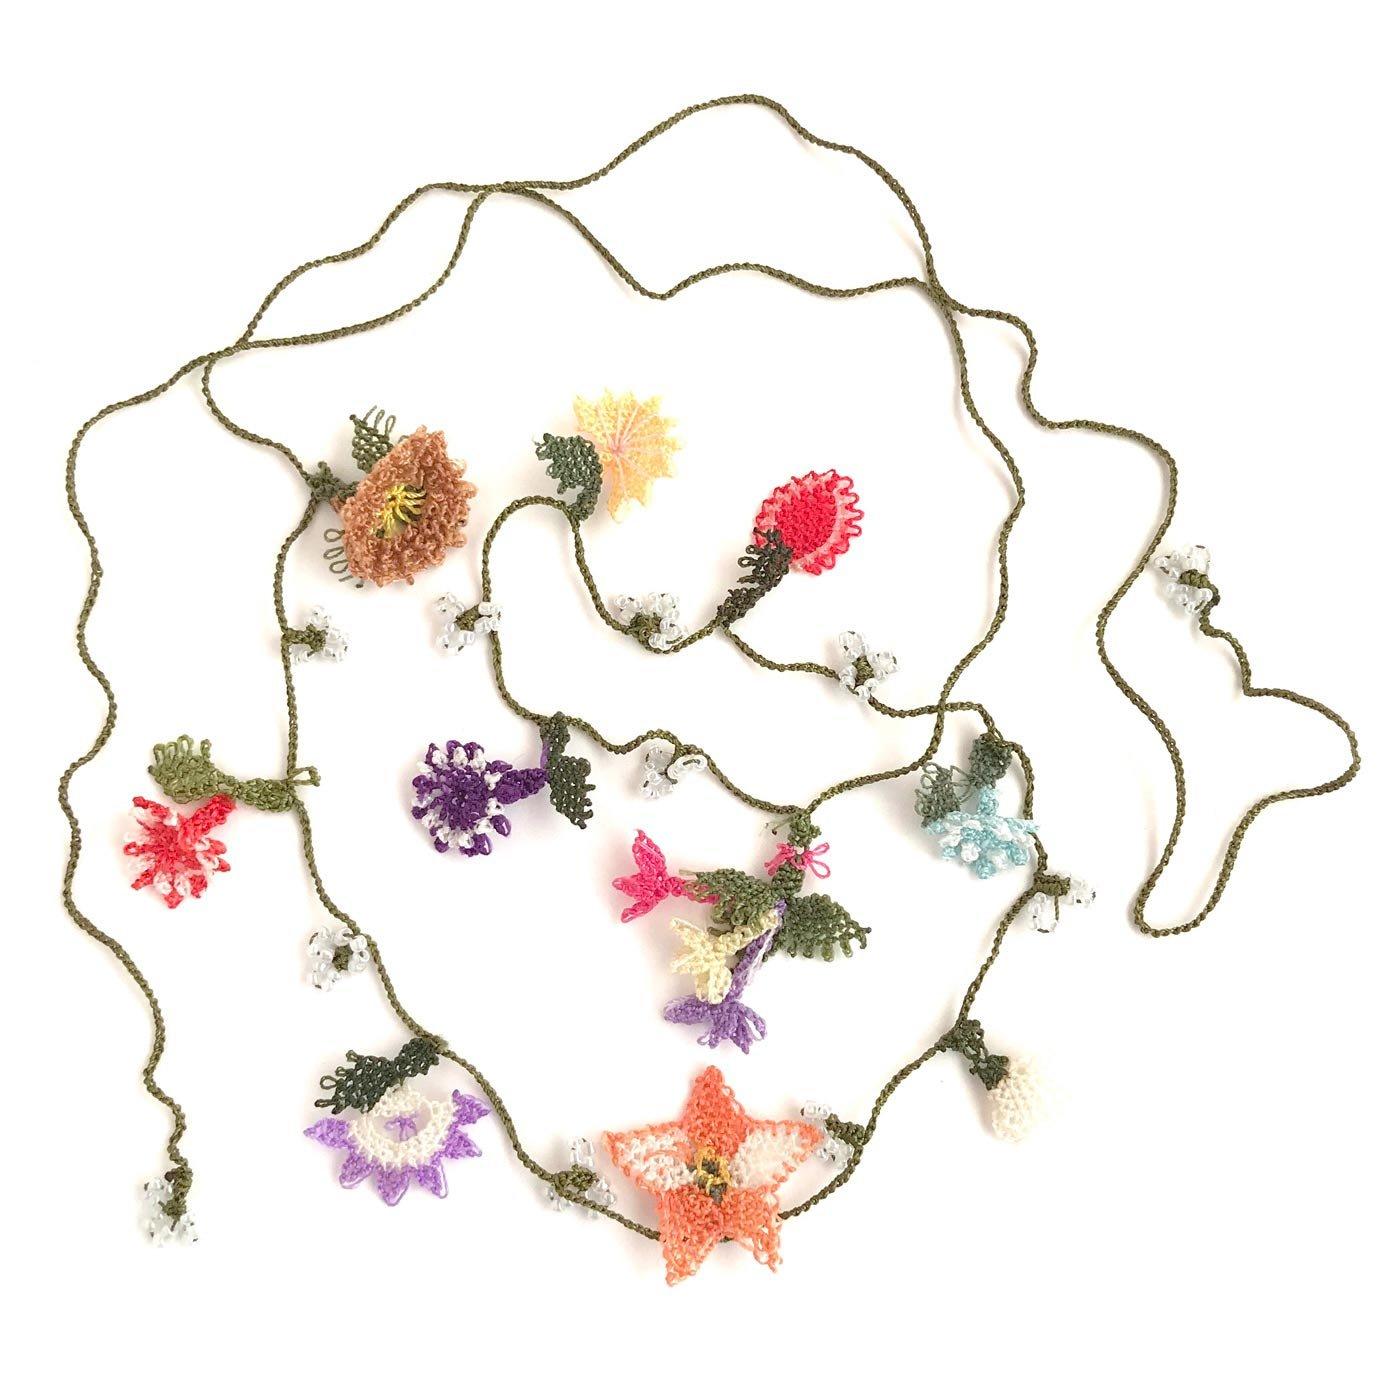 トルコの伝統手工芸 縫い針1本で作る「イーネオヤ」の可憐なネックレス